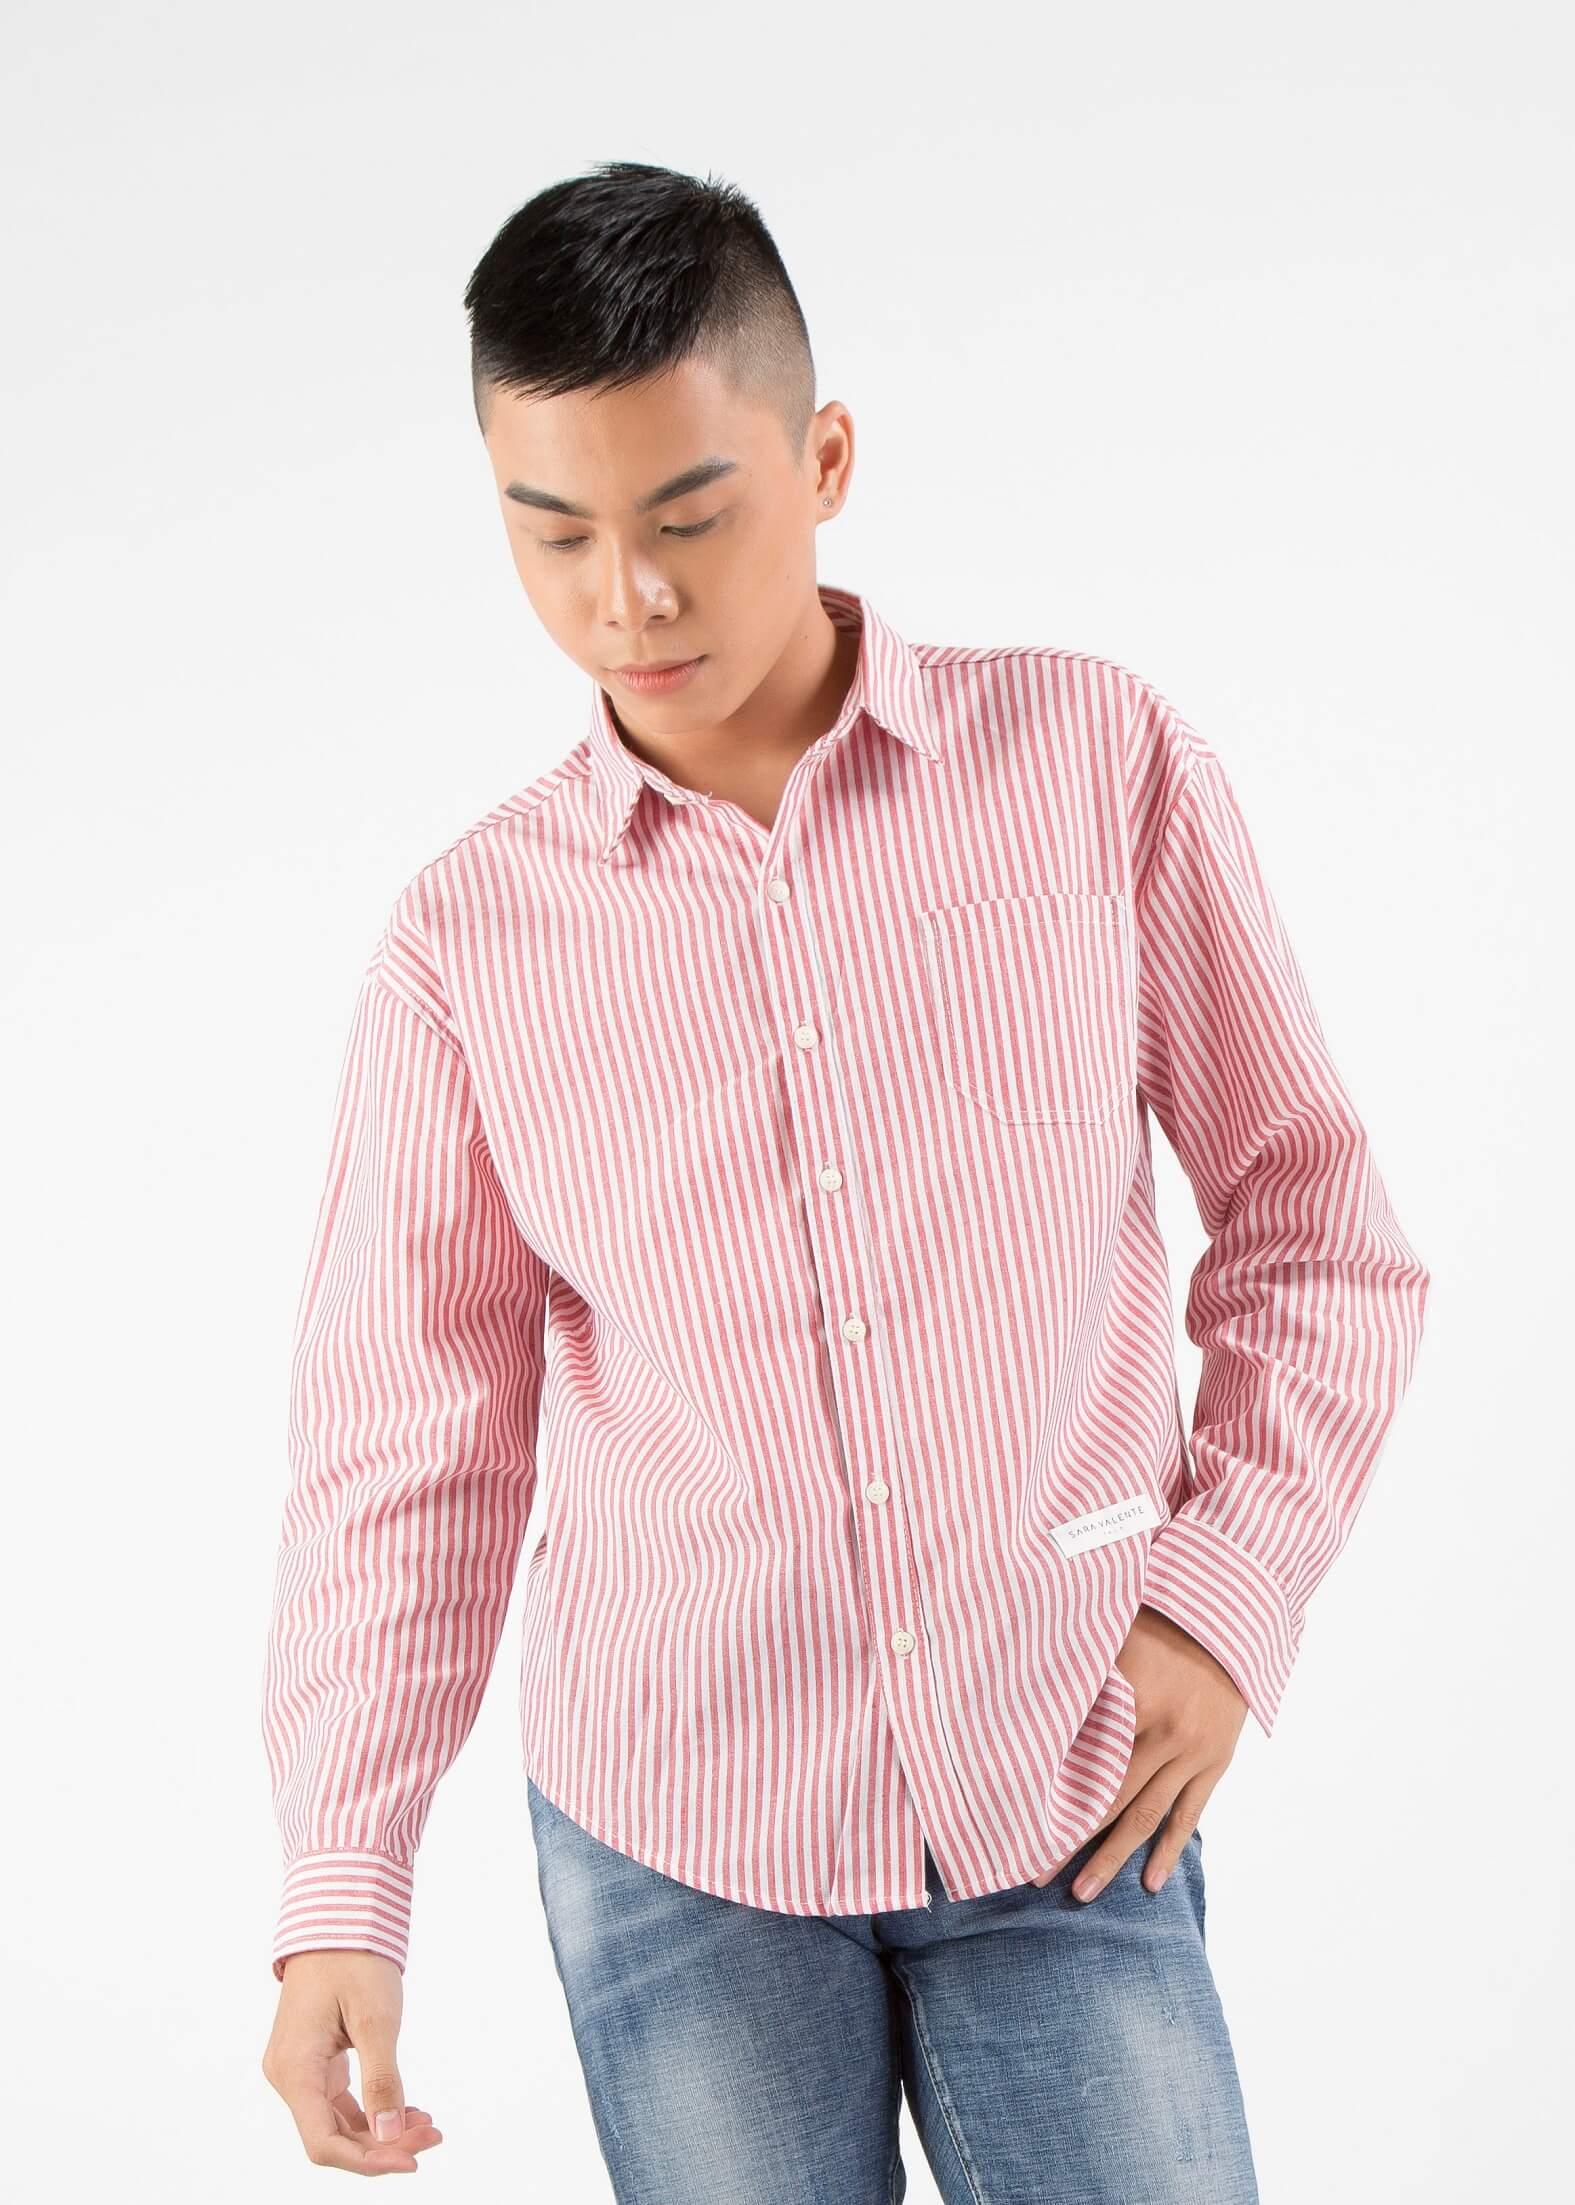 Mẫu áo sơ mi kẻ đứng (dọc) cá tính phong cách Unisex